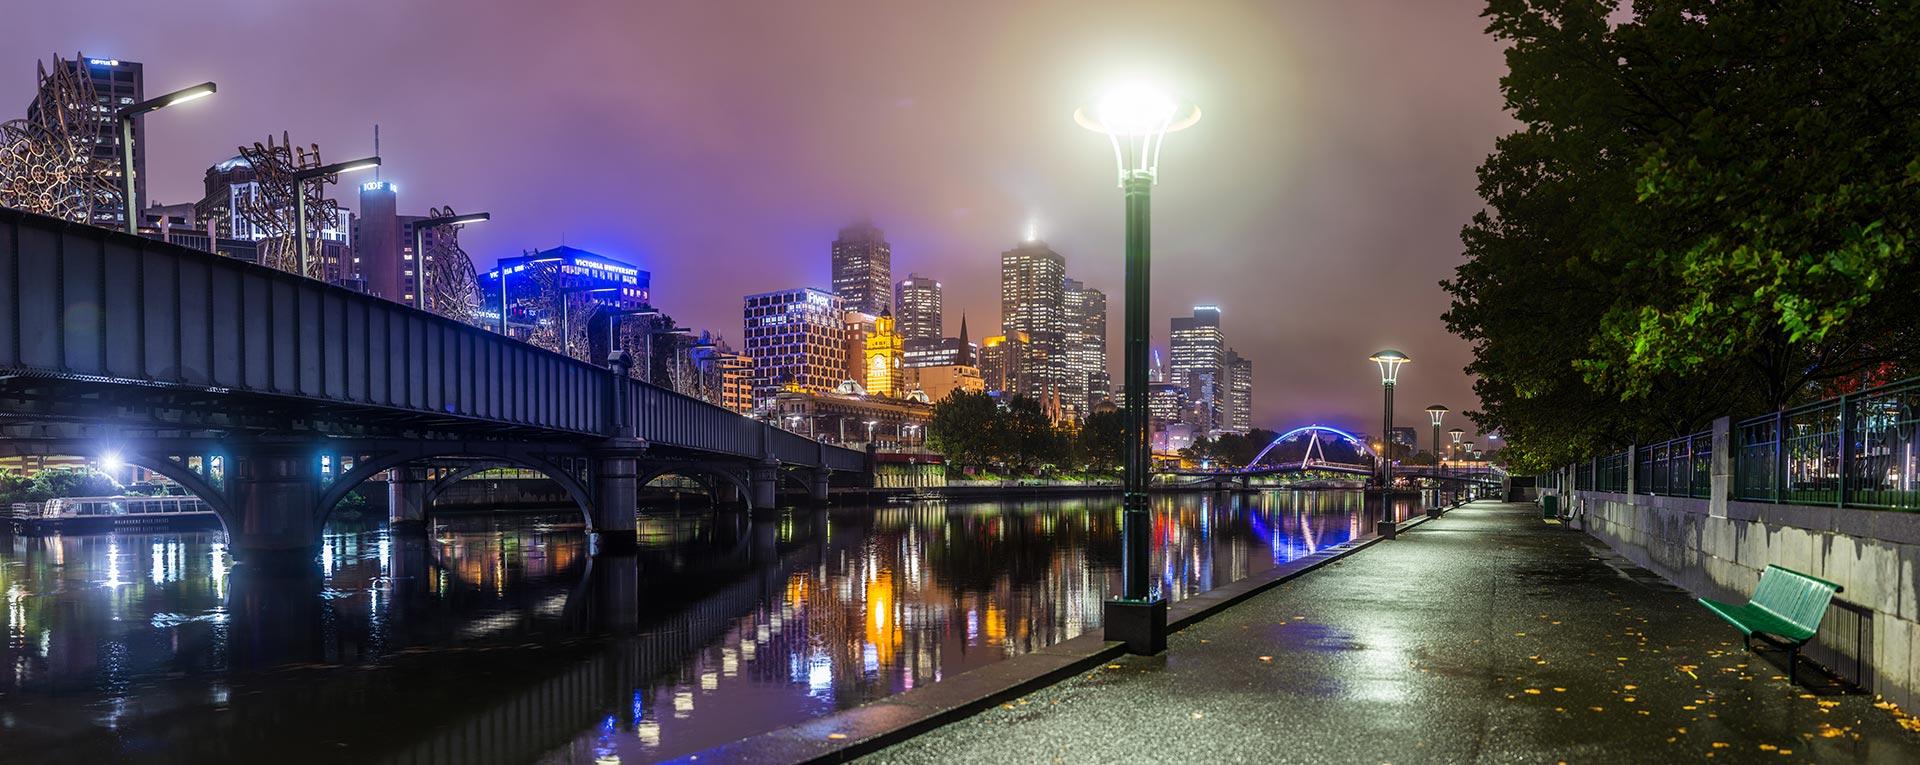 Melbourne in 150 Megapixels